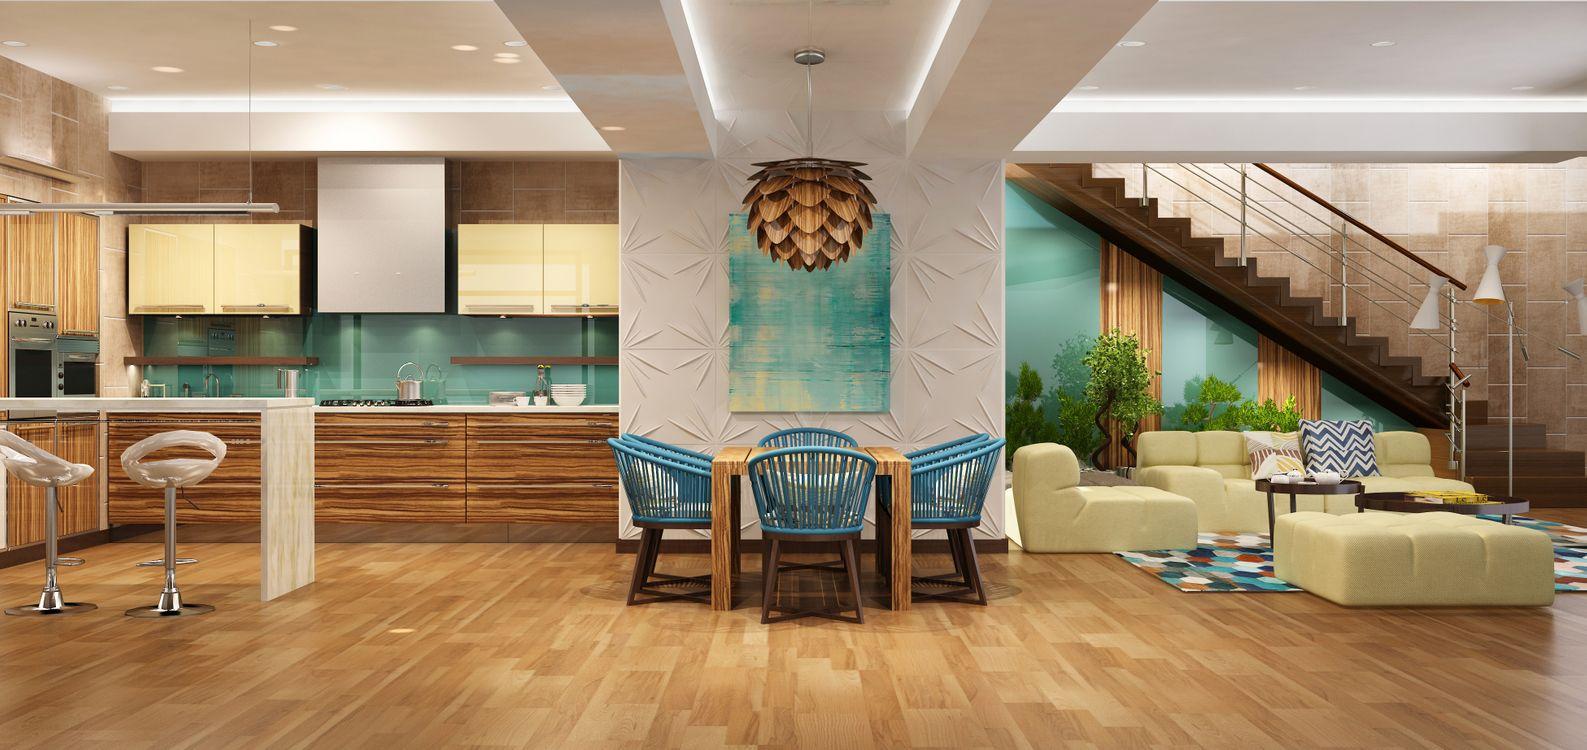 Фото бесплатно гостиная, кухня, мебель - на рабочий стол